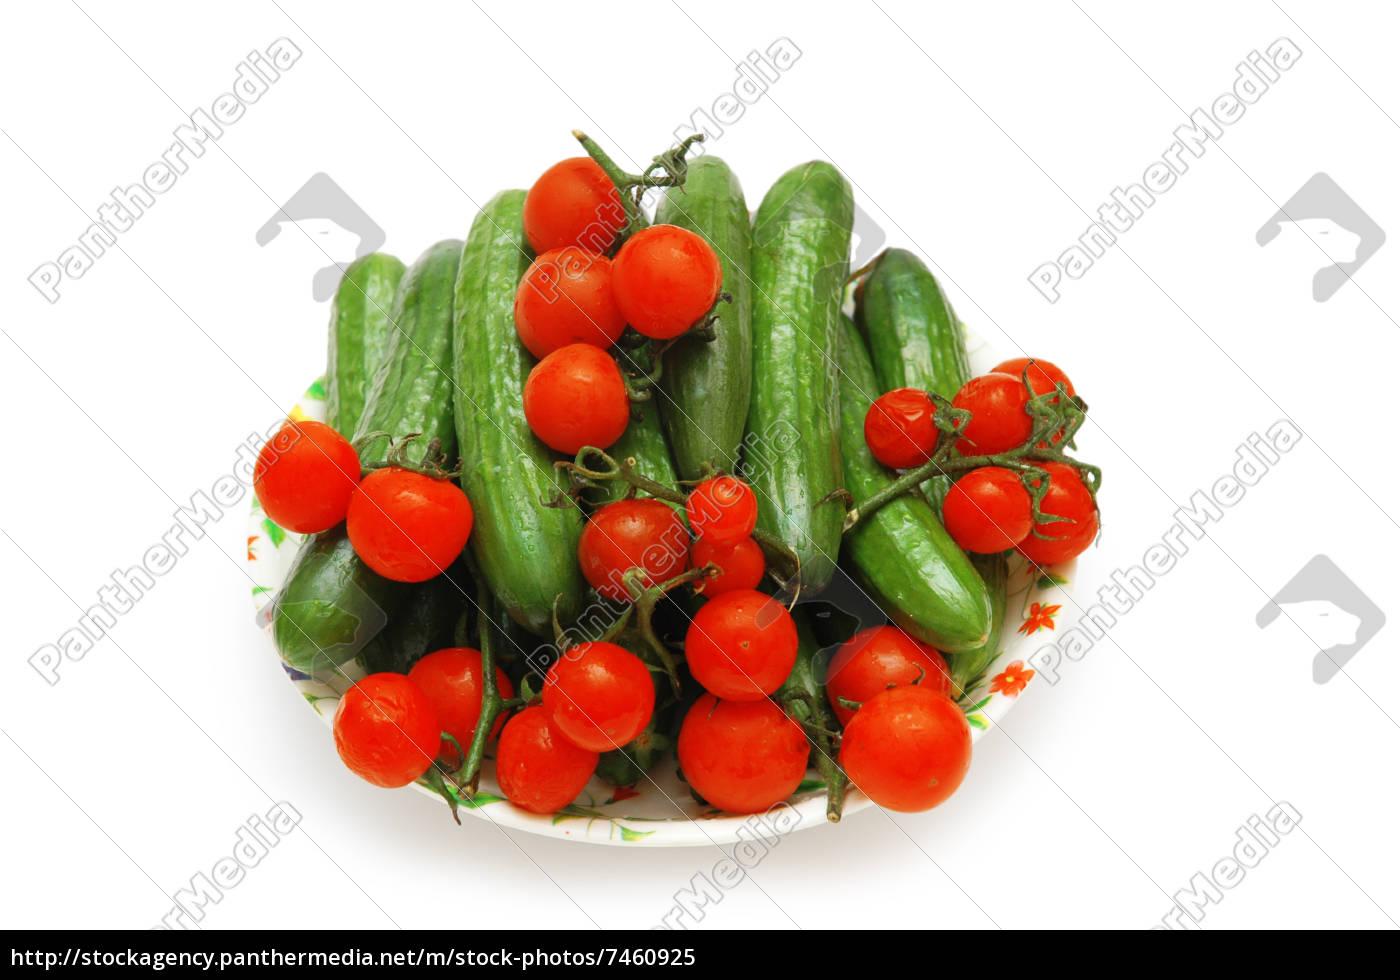 platte, mit, gurken, und, tomaten, isoliert - 7460925